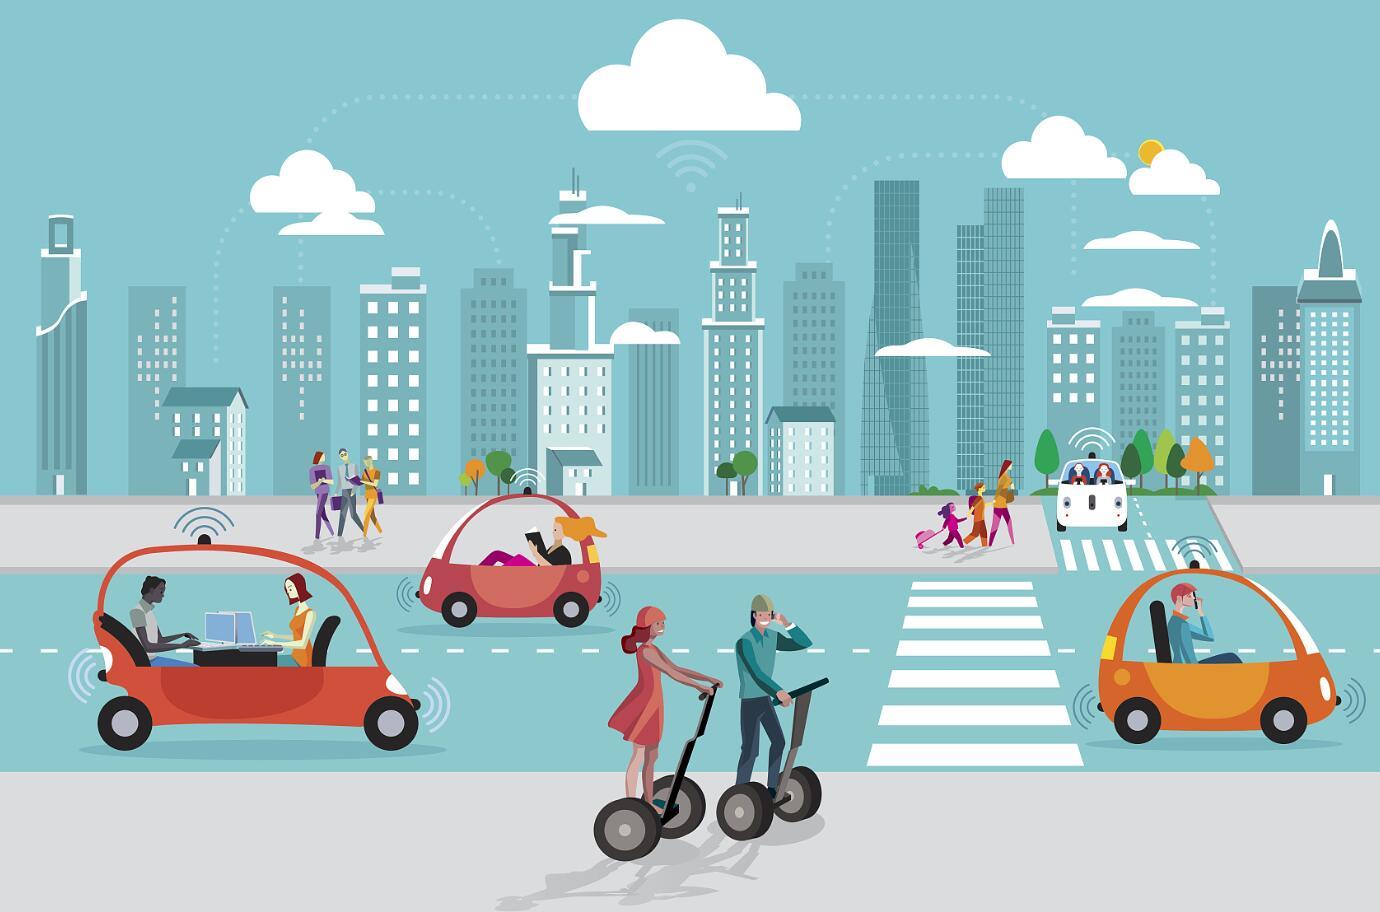 大流行表明,智慧城市的意义不仅仅在于技术